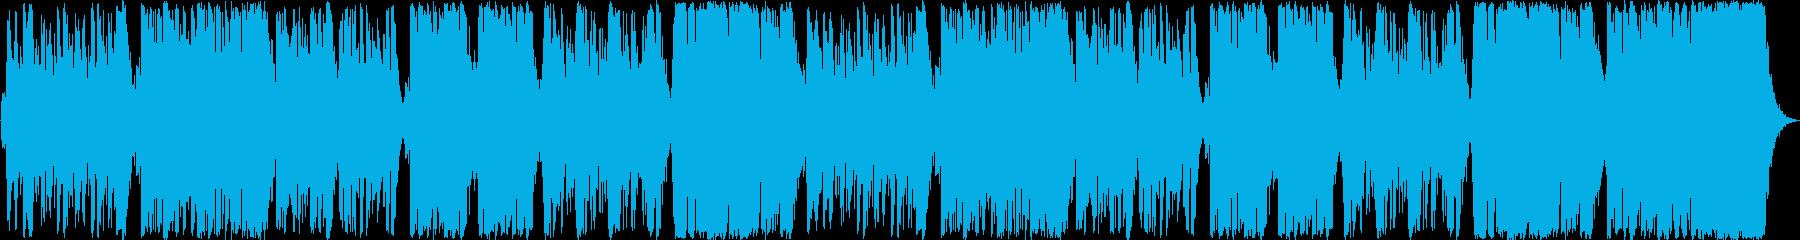 クラシック オーケストラ 中世のの再生済みの波形